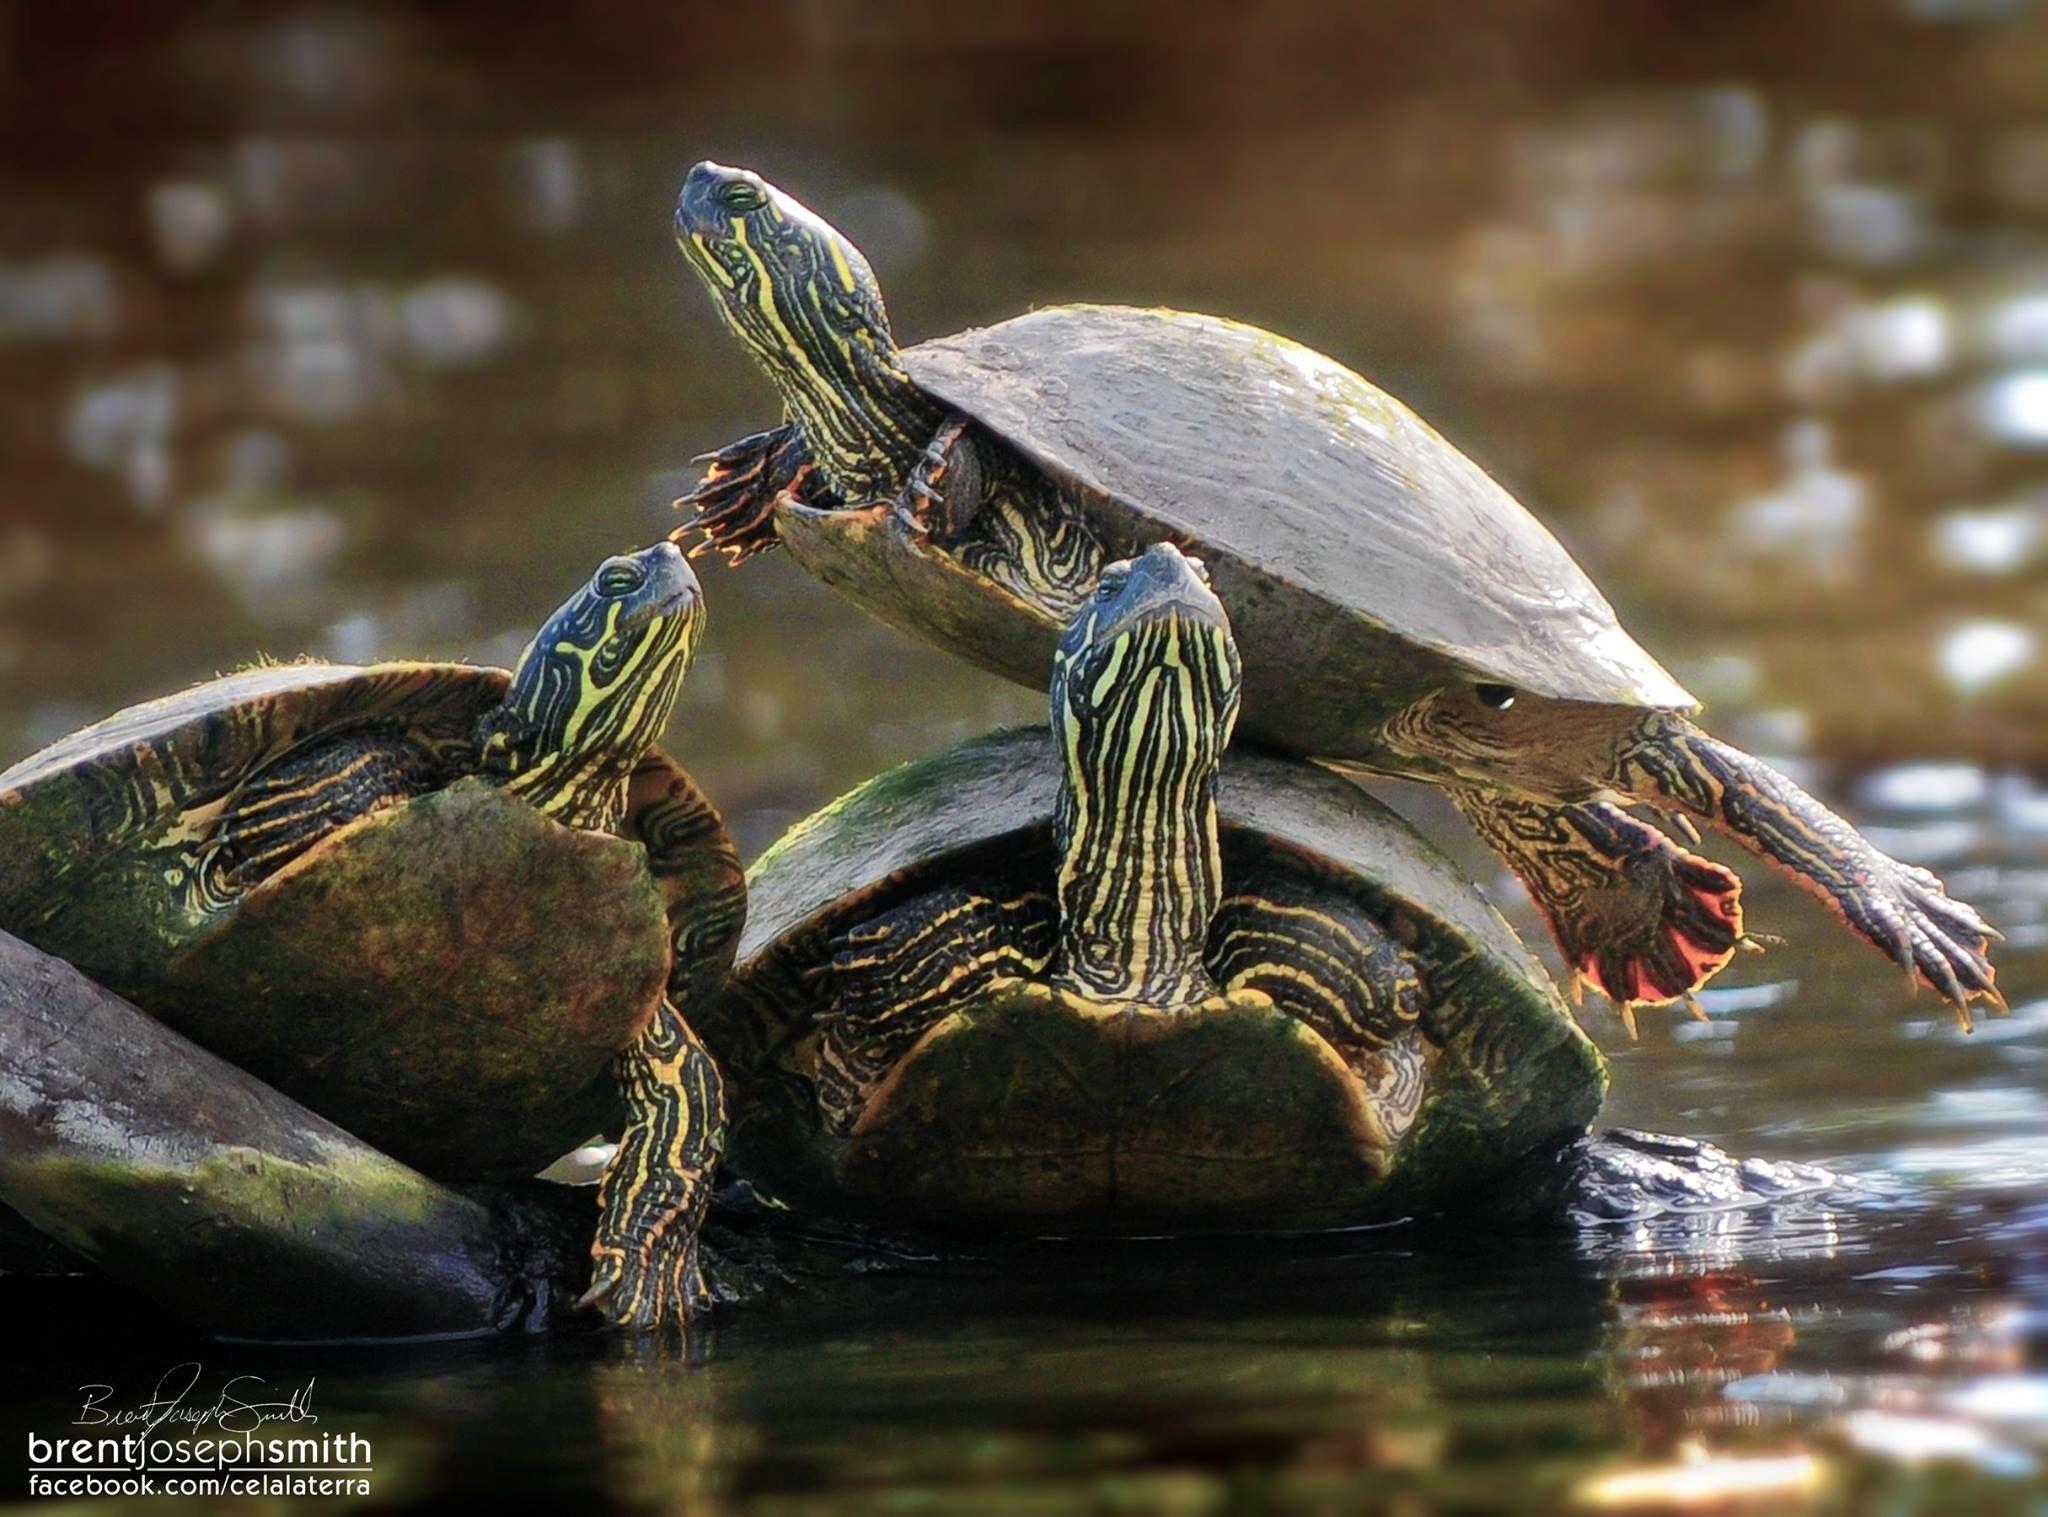 Joseph Smith, Leave A Comment, Terrapin, Cedar Park, Reptiles, Amphibians,